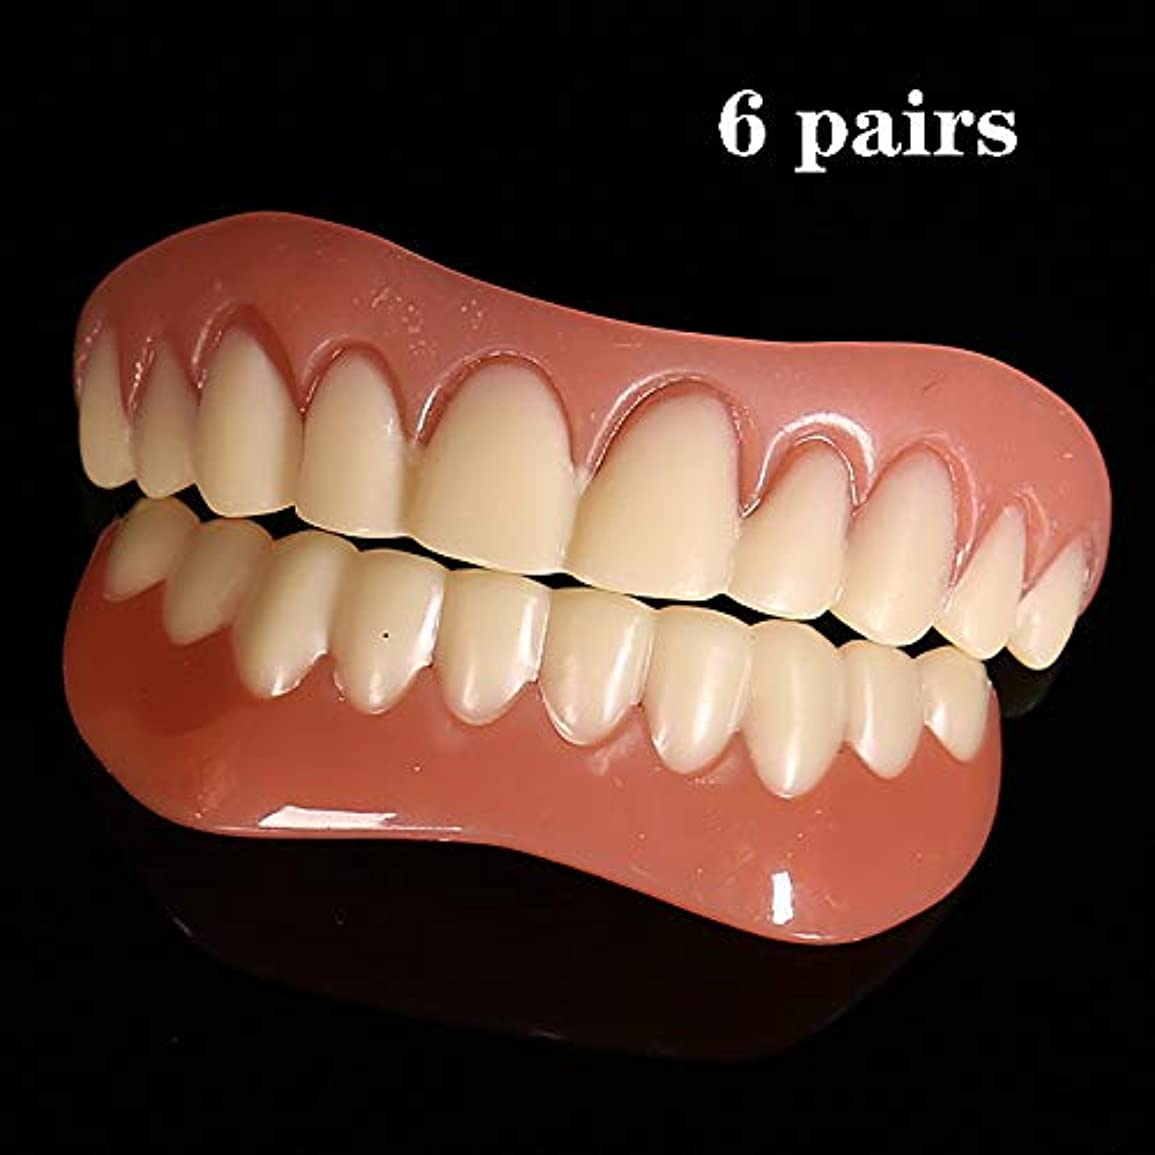 鑑定遅い数値歯突き板化粧品歯スナップオンセキュア6ペア上下の快適さフィット歯突き板安全インスタントスマイル化粧品ワンサイズ